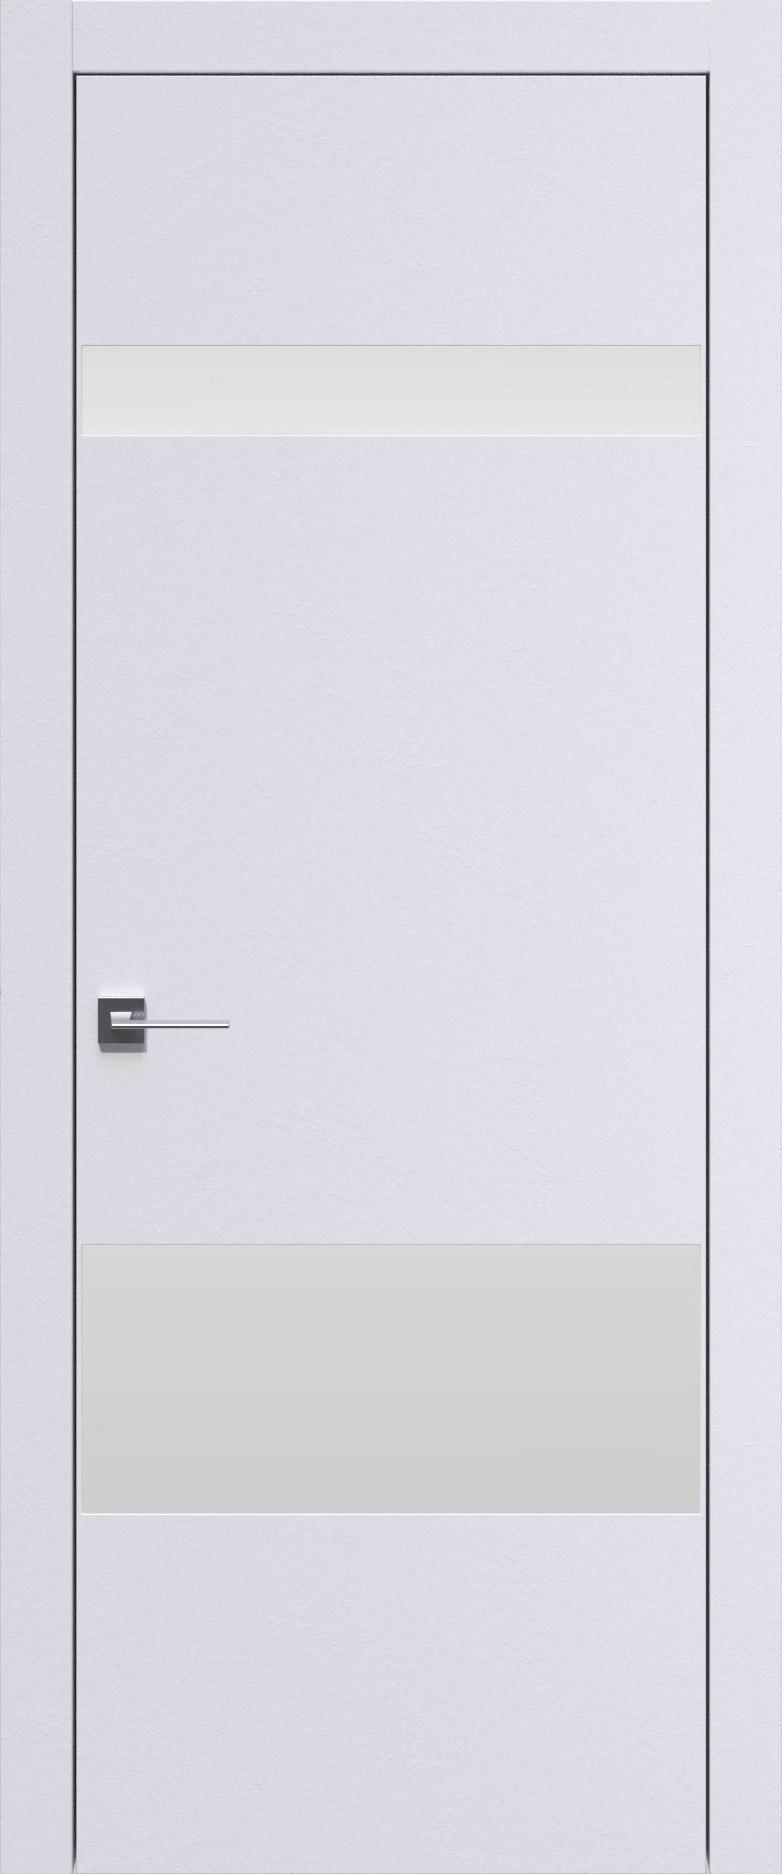 Tivoli К-4 цвет - Арктик белый Без стекла (ДГ)